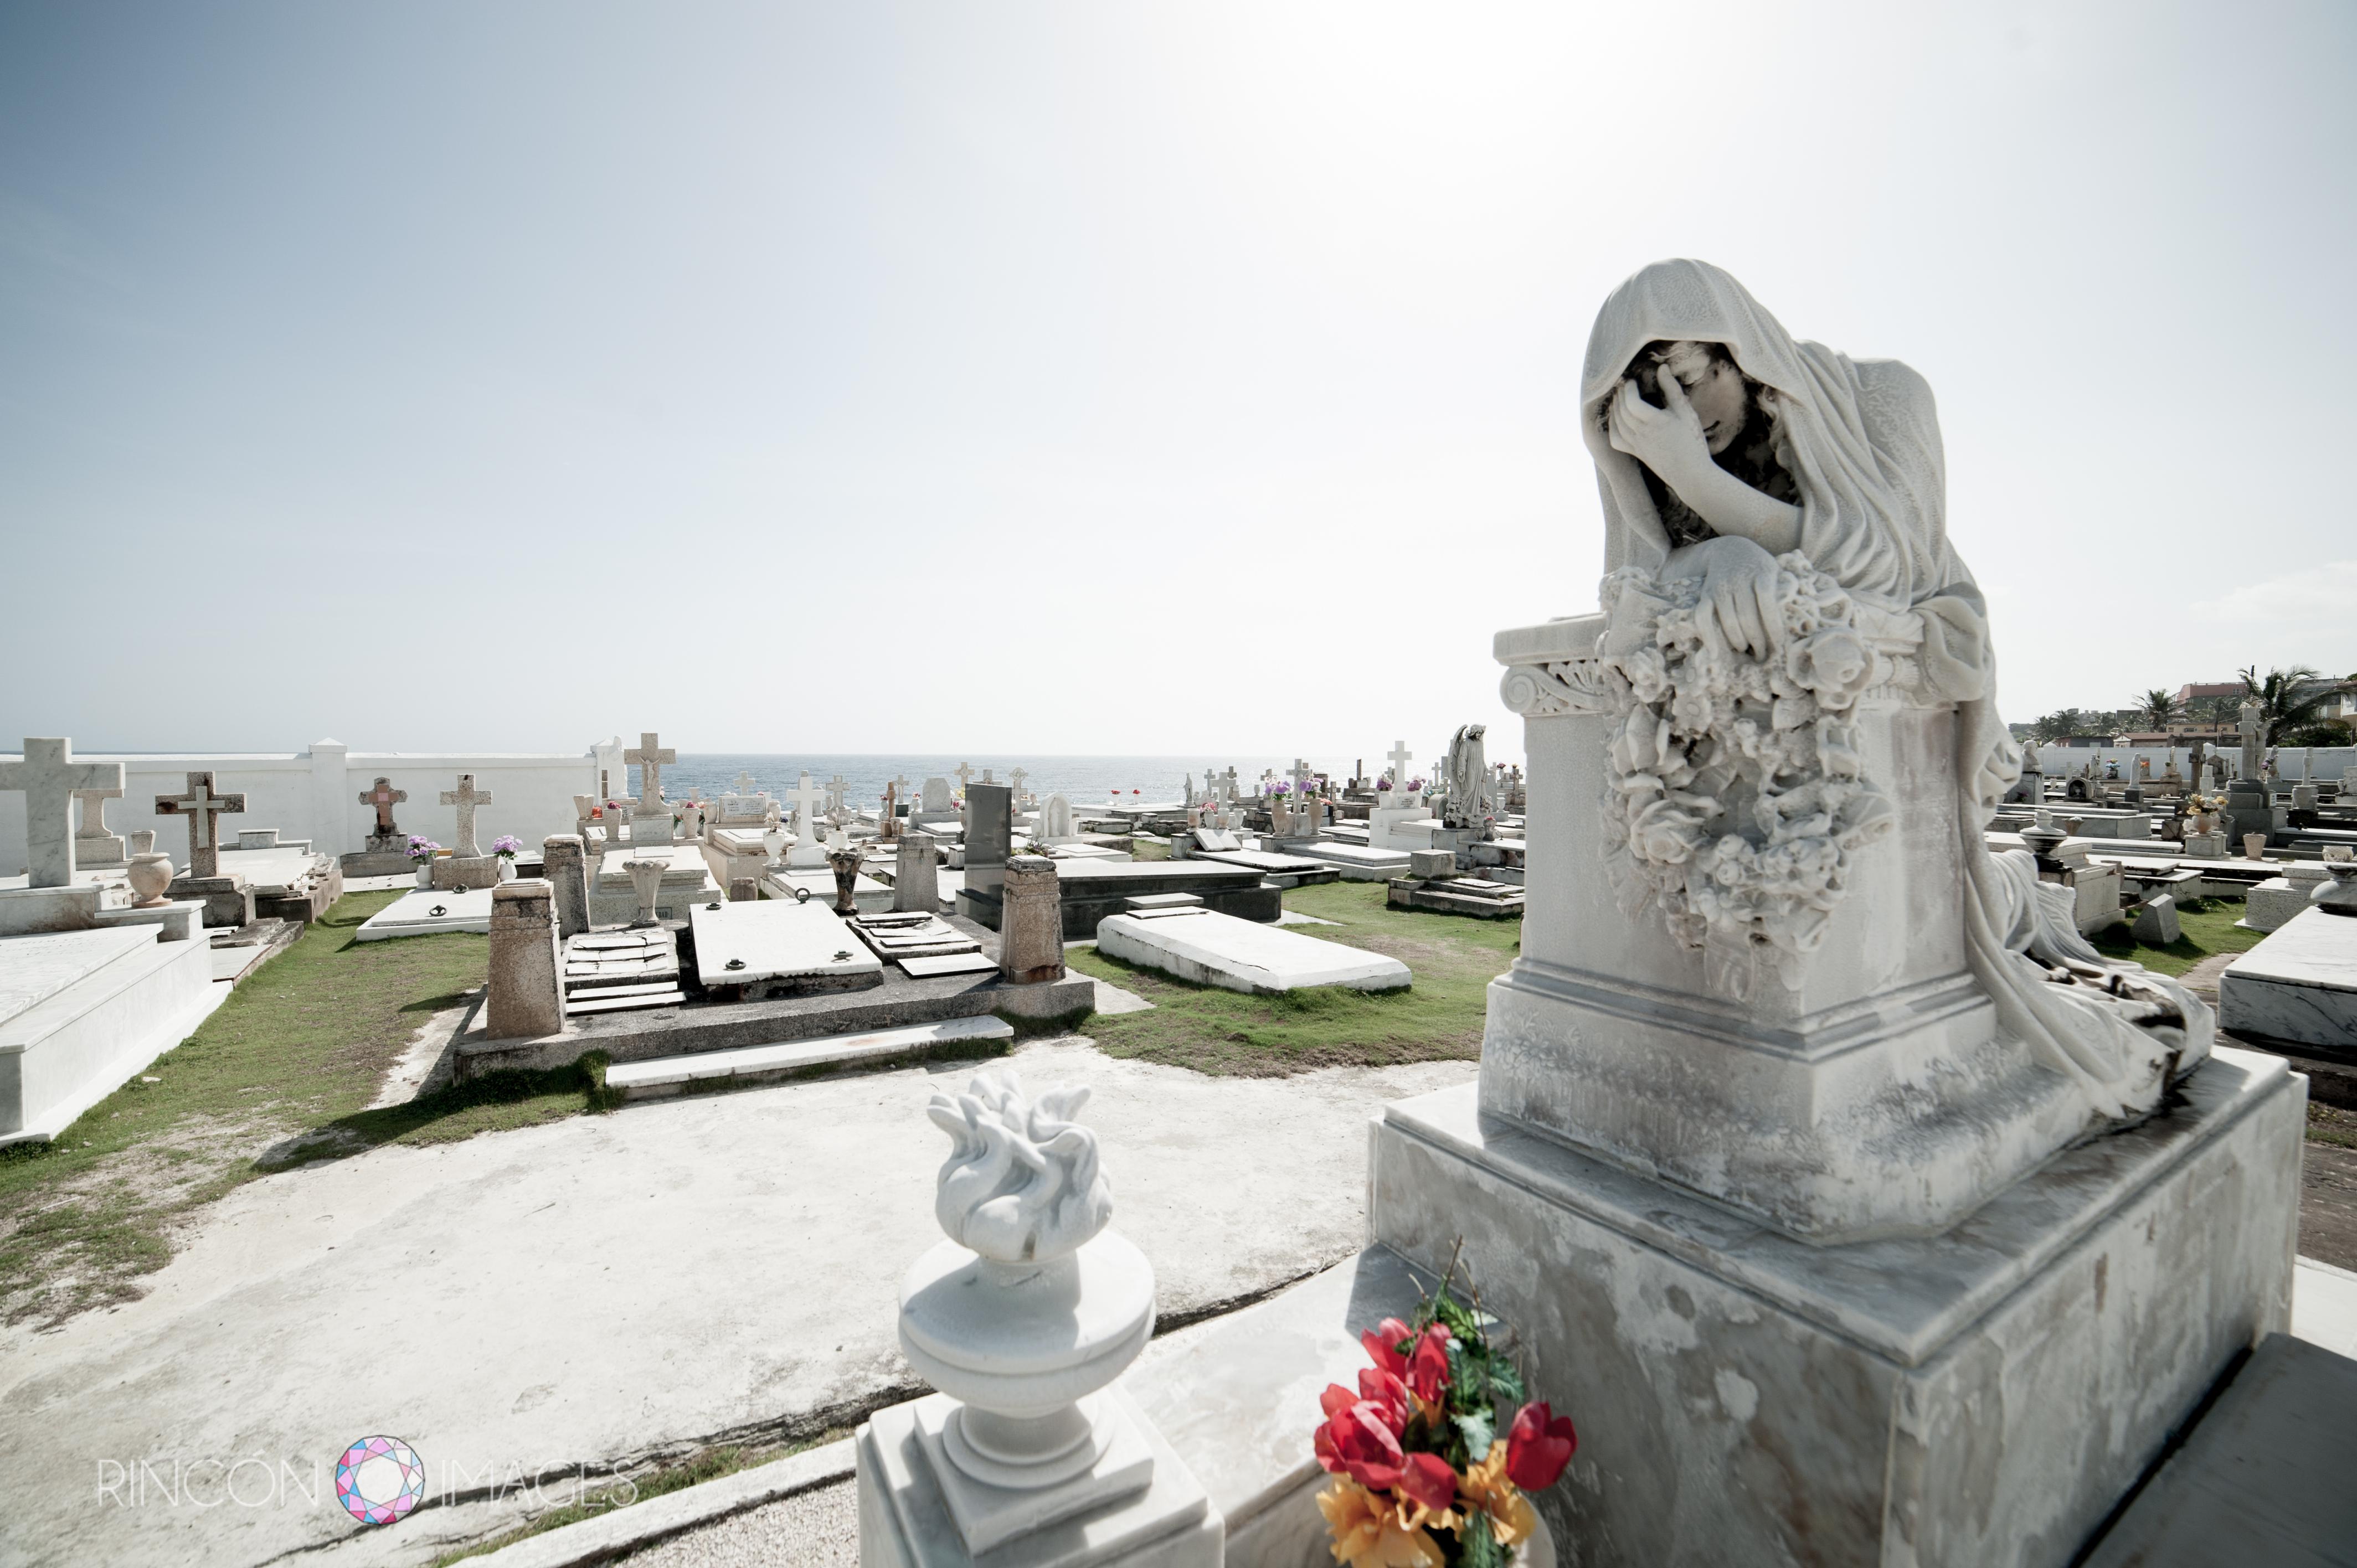 Cemetery scape photo